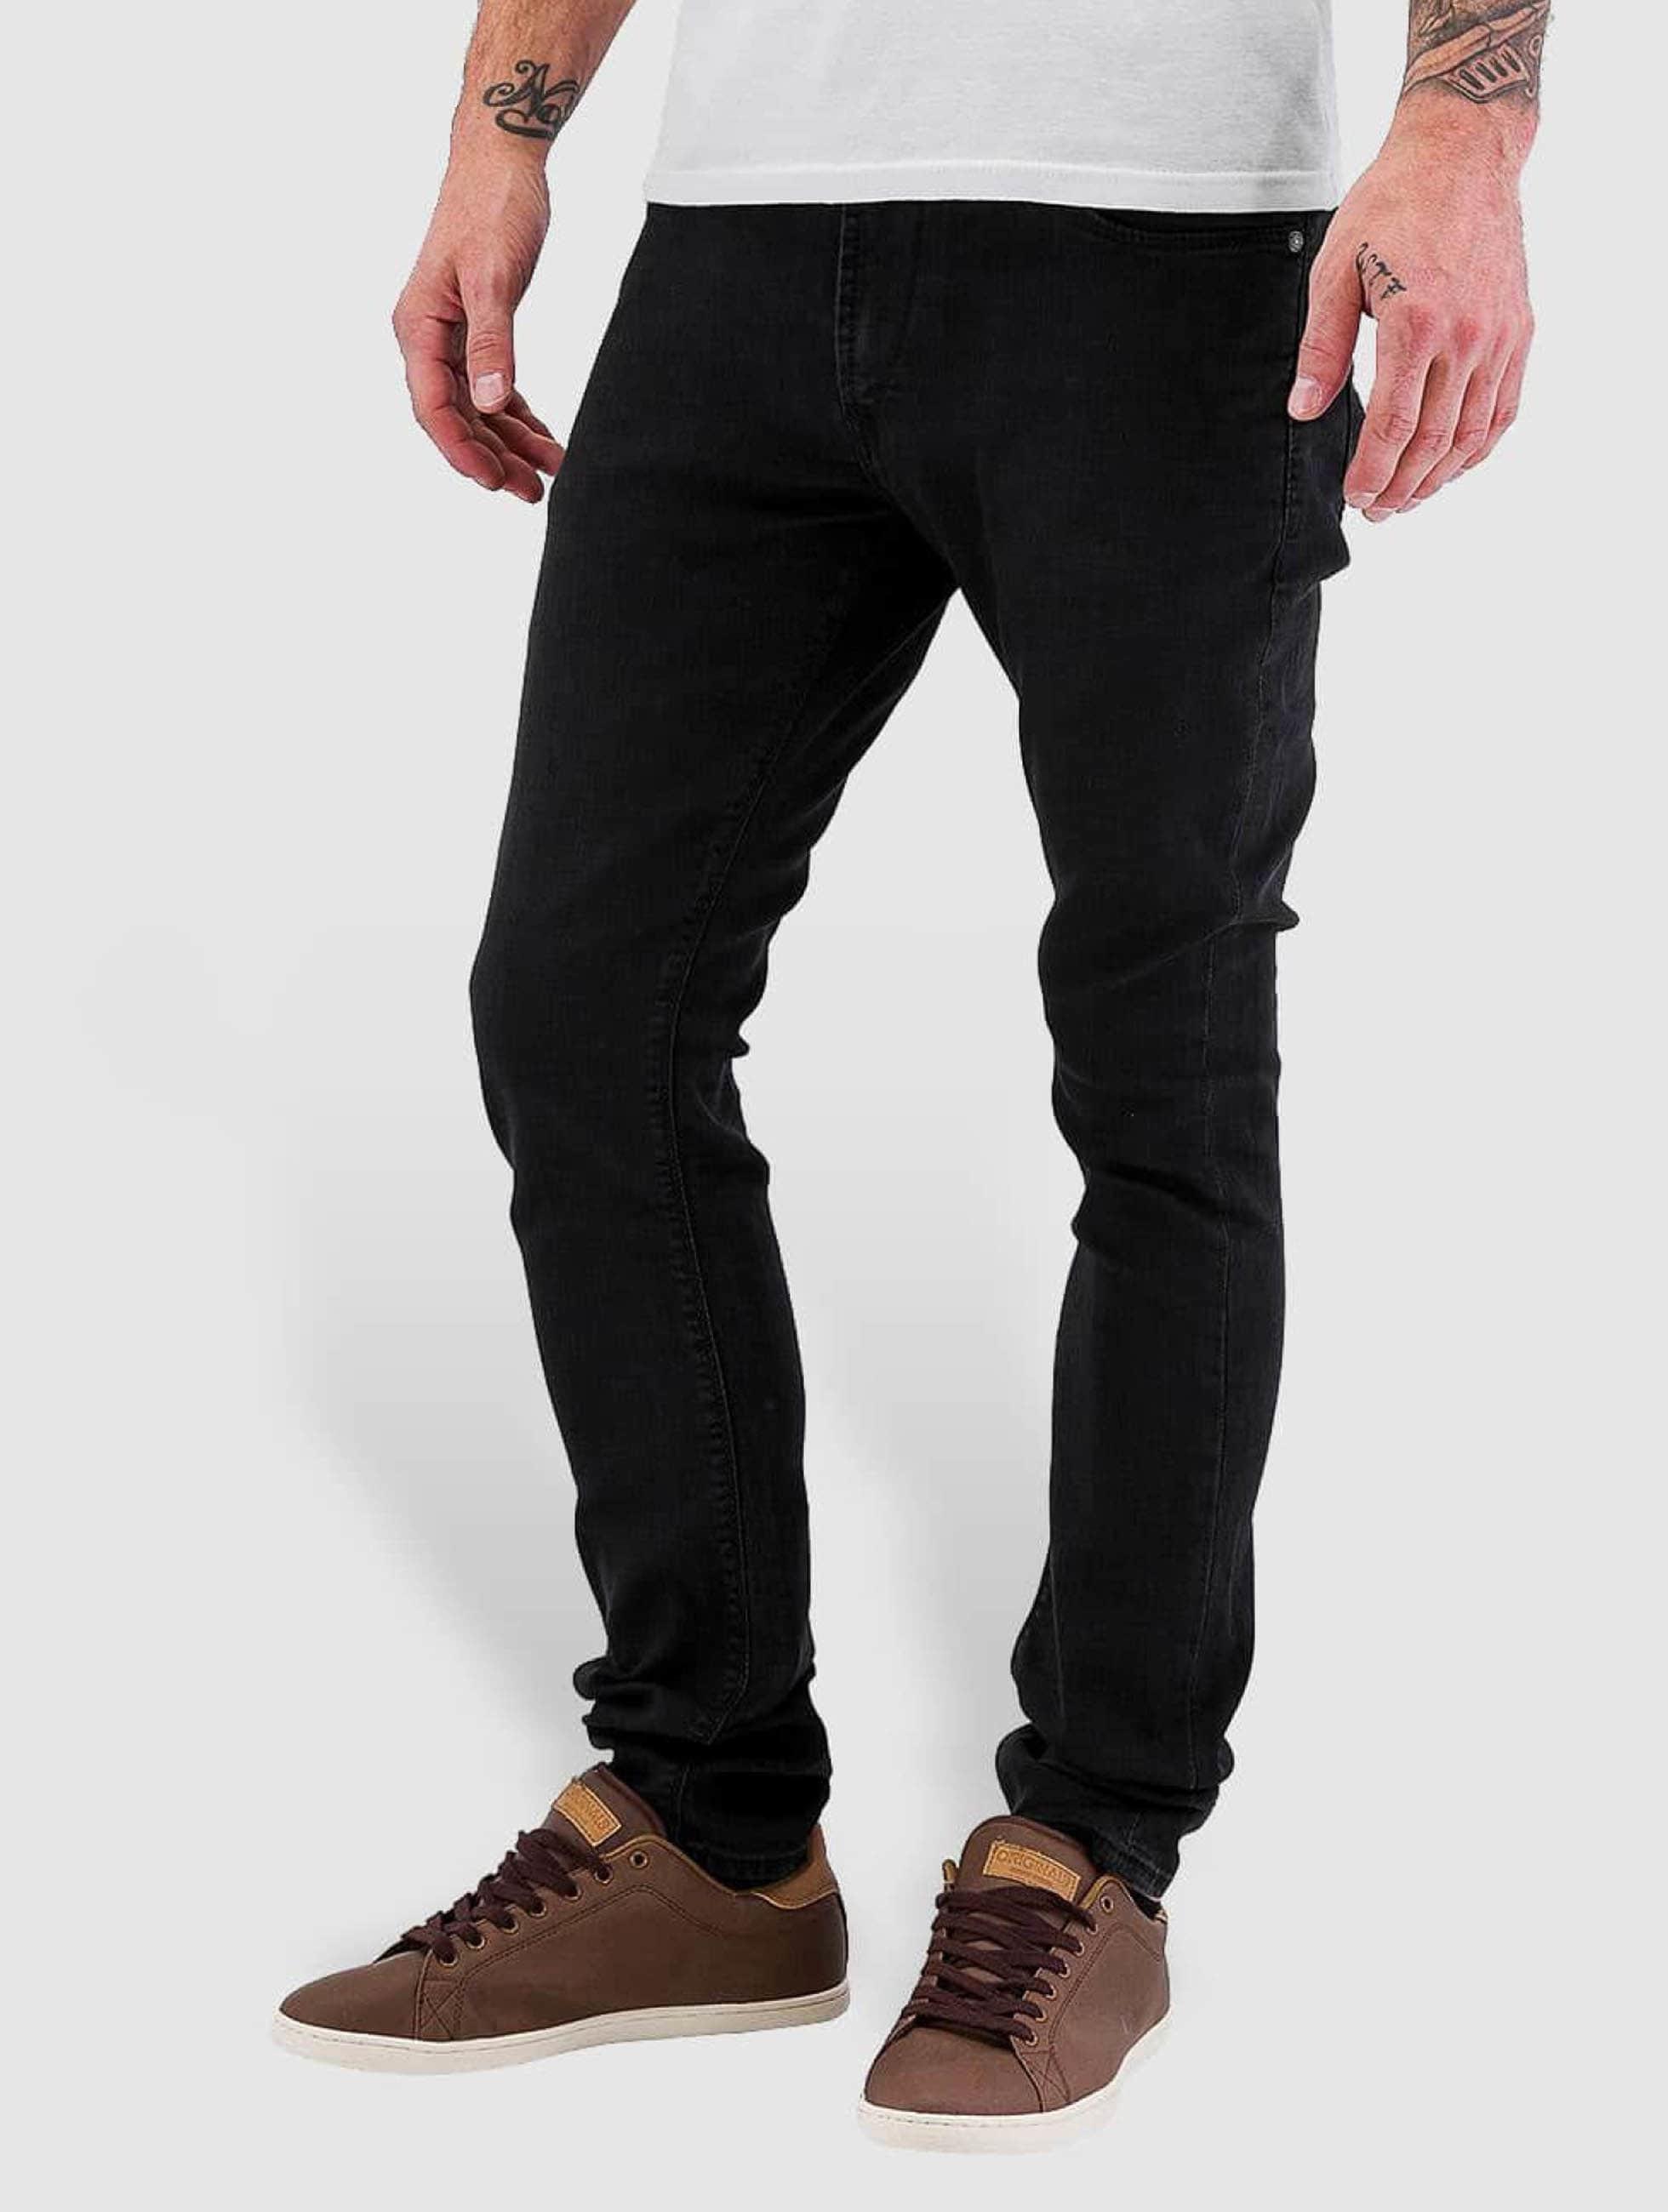 Reell Jeans Облегающие джинсы Radar Stretch Super черный